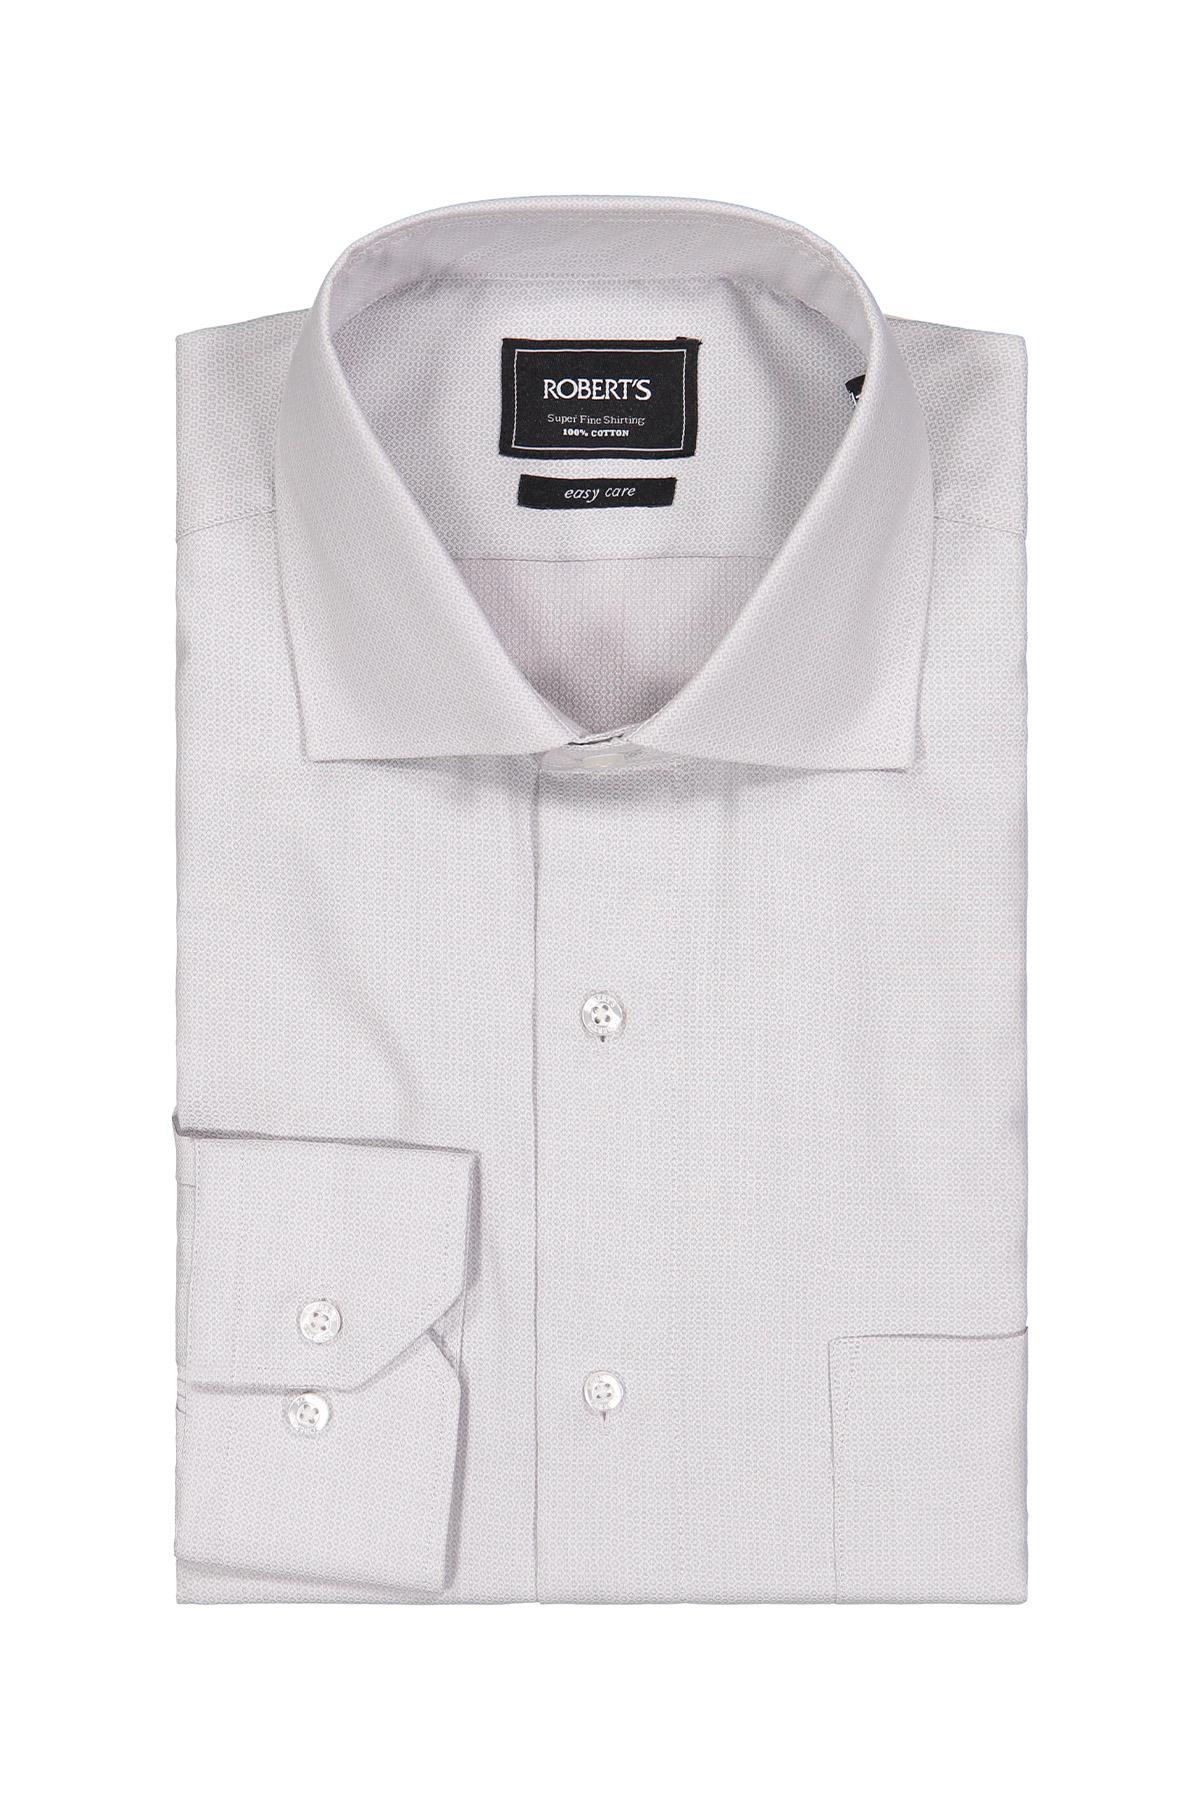 Camisa Robert´s, Easy Care, tramada gris claro, cuello italiano.